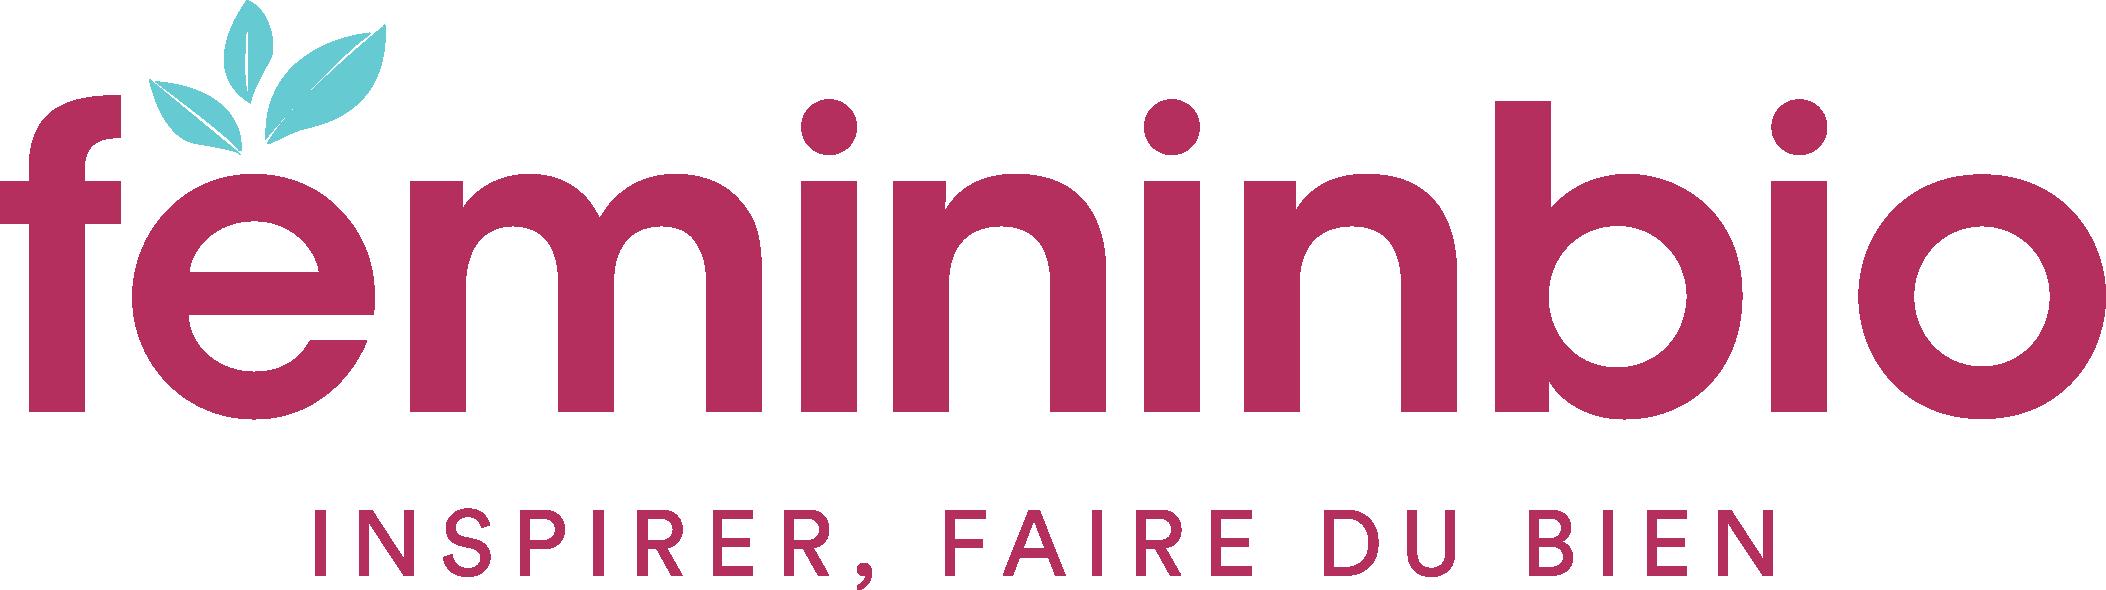 FemininBio